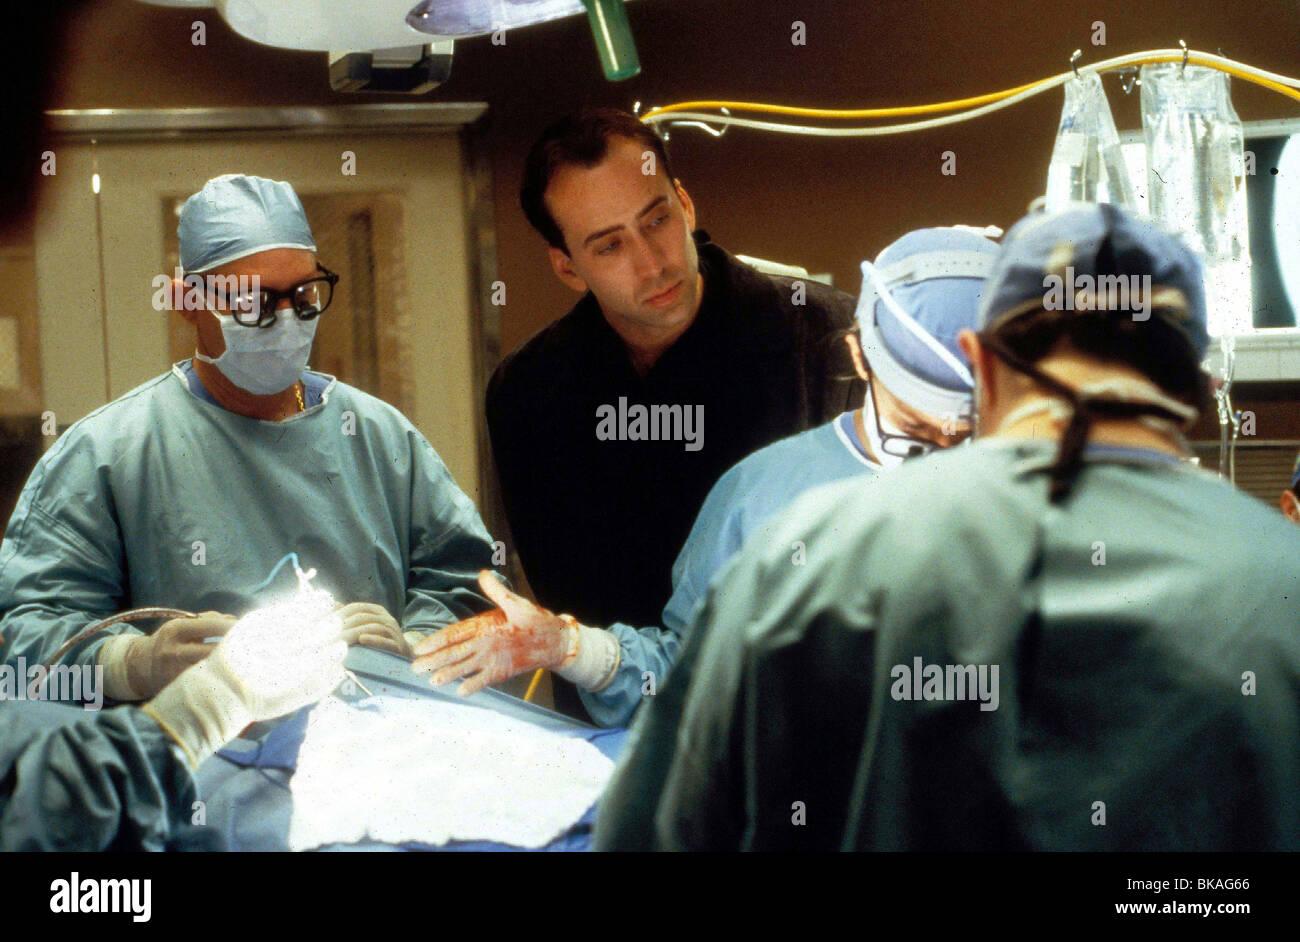 City Of Angels 1998 Nicolas Cage Coa 132 Stock Photo Alamy